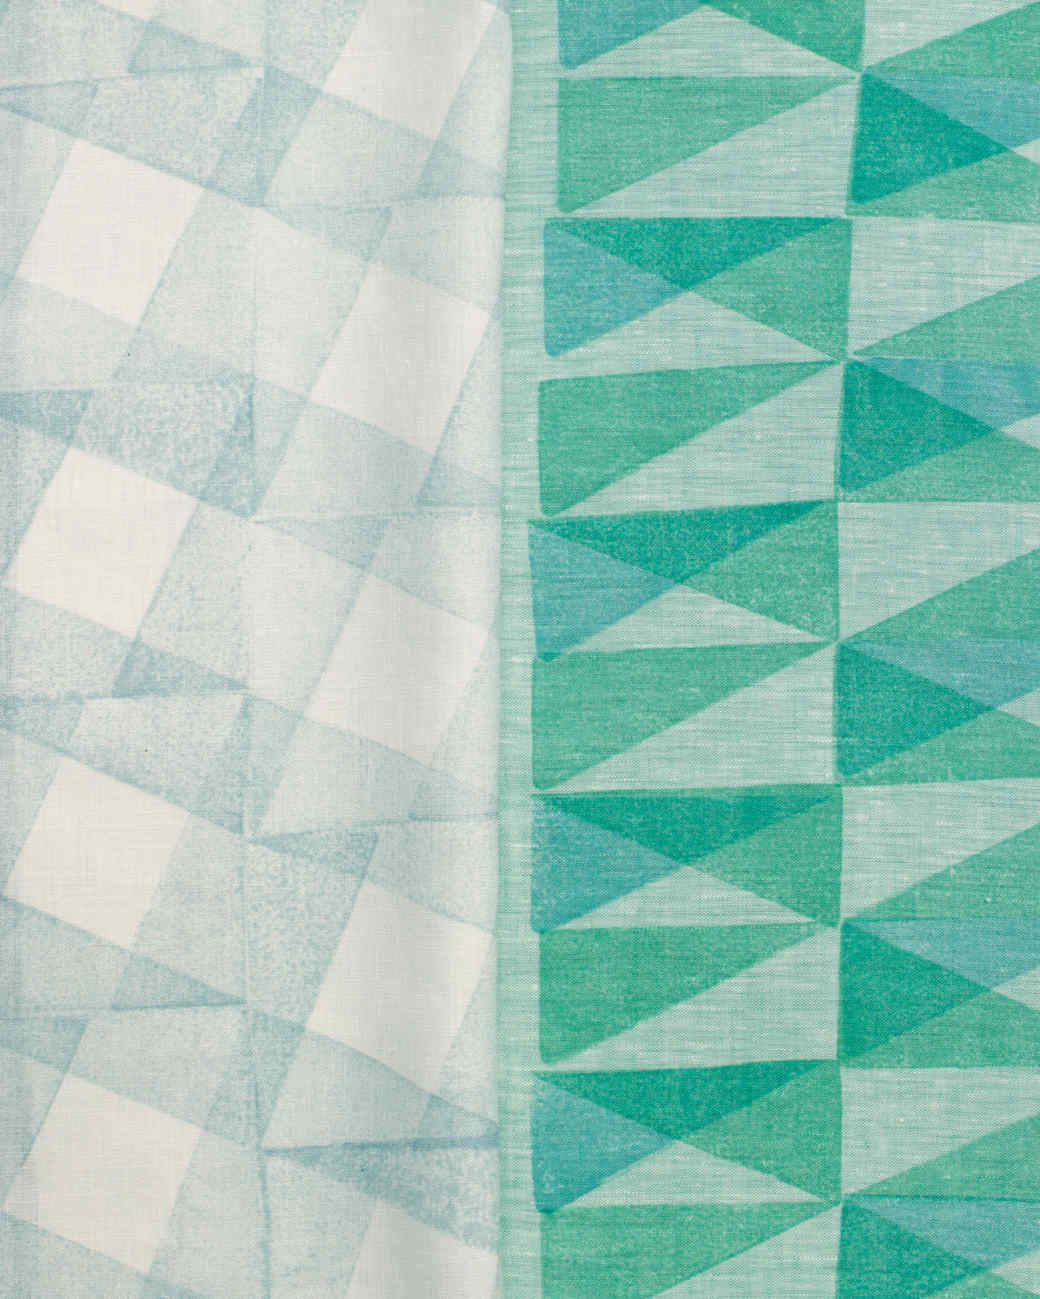 06-patterns-150-md108129.jpg